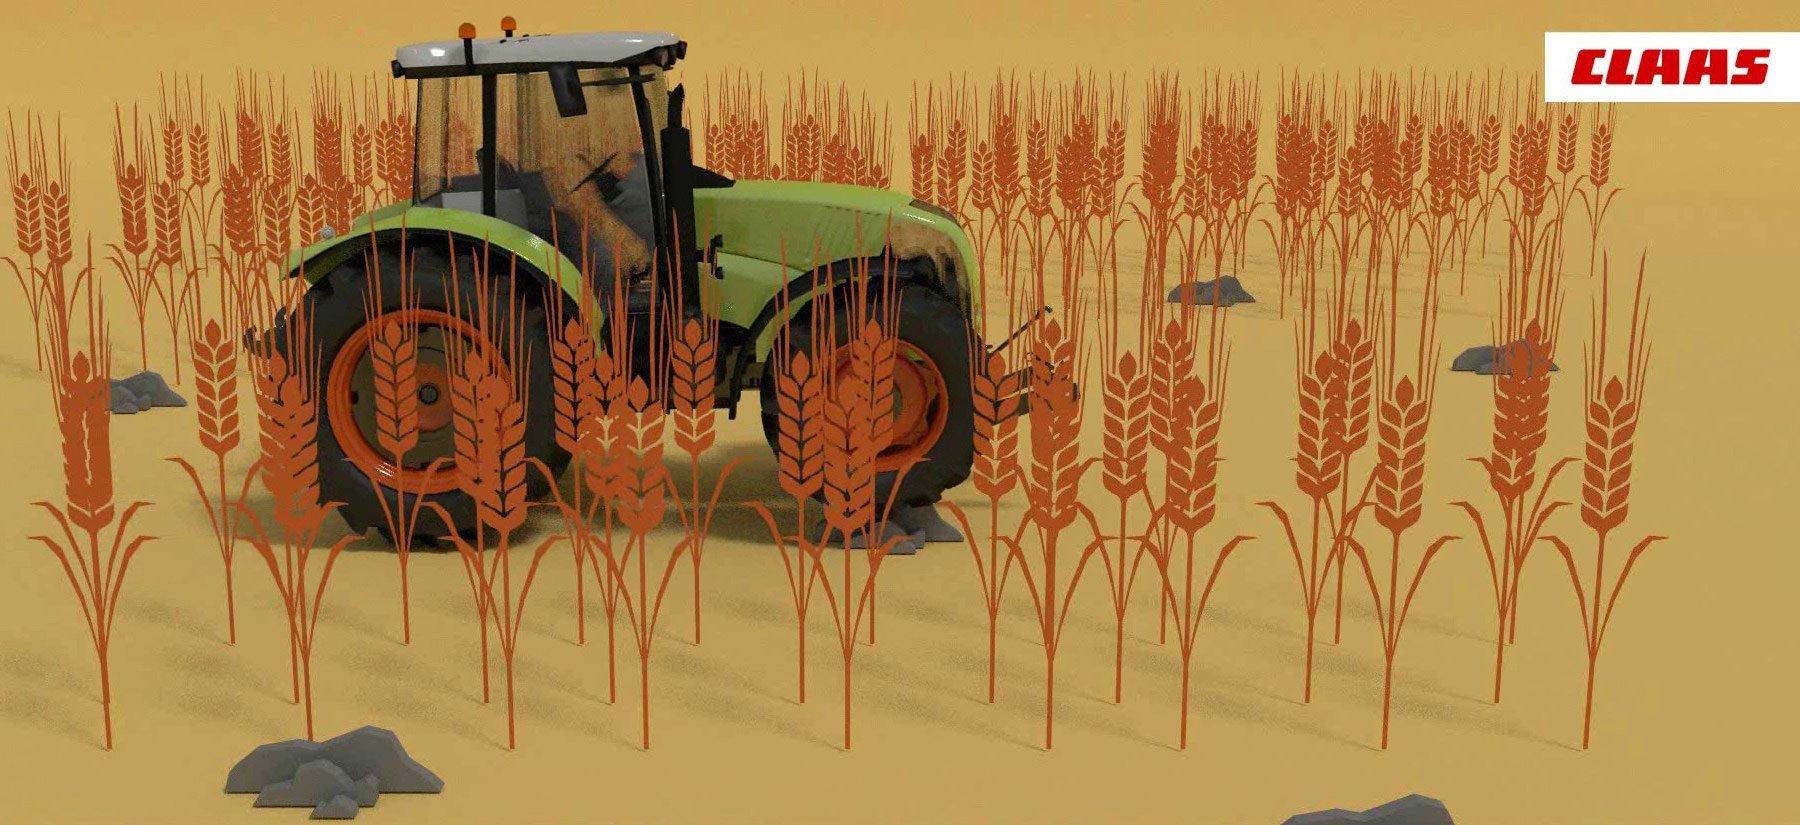 Claas Traktor im Weizenfeld - BIld aus dem Animations-Clip